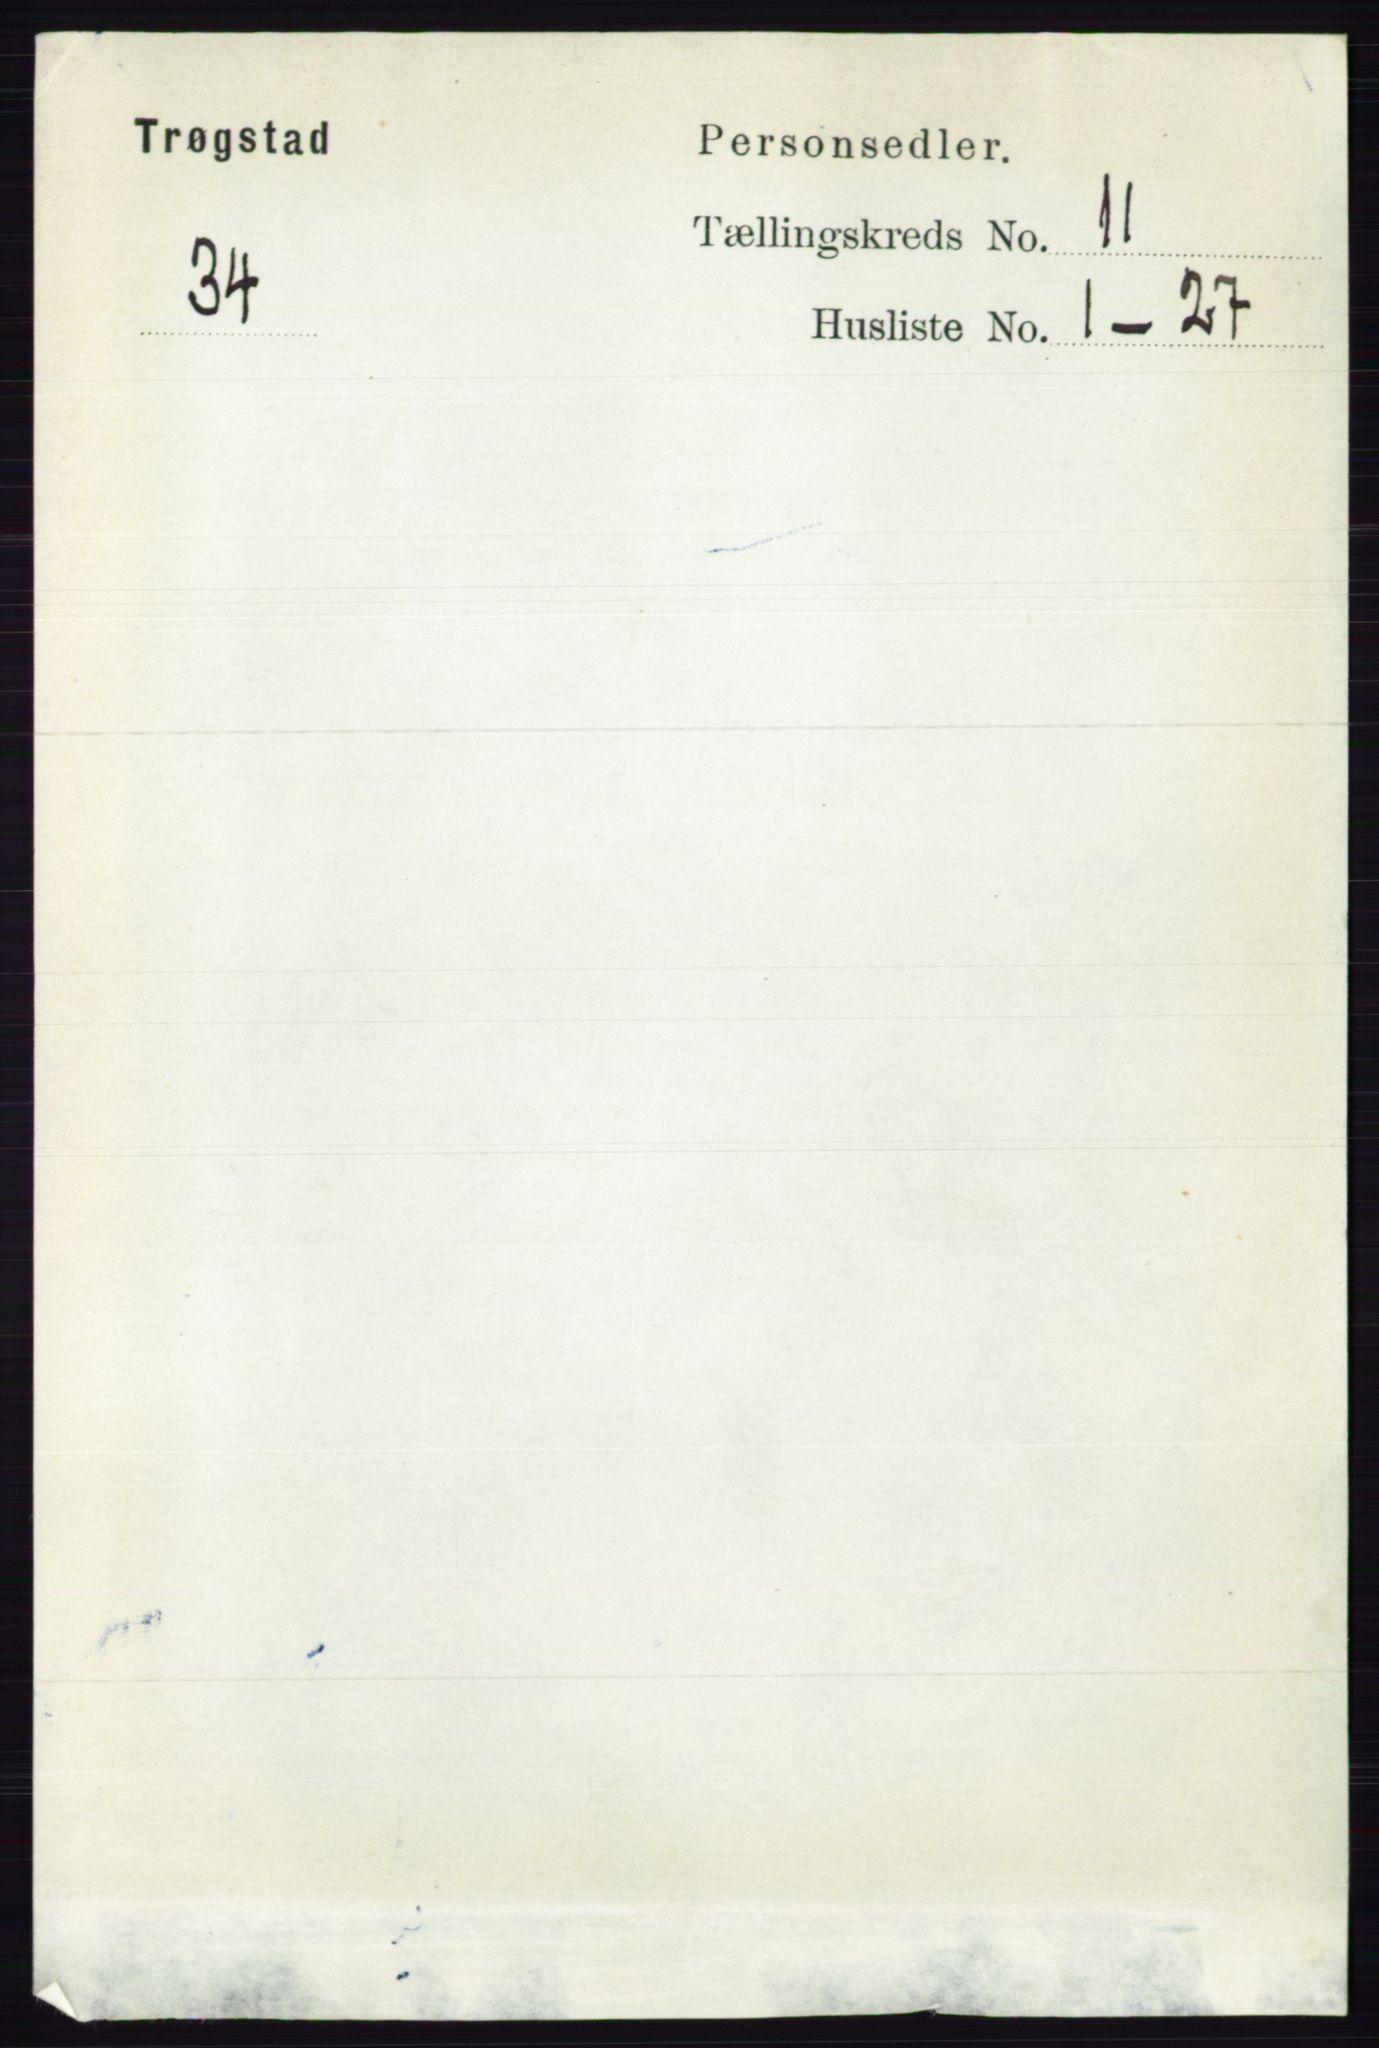 RA, Folketelling 1891 for 0122 Trøgstad herred, 1891, s. 4722